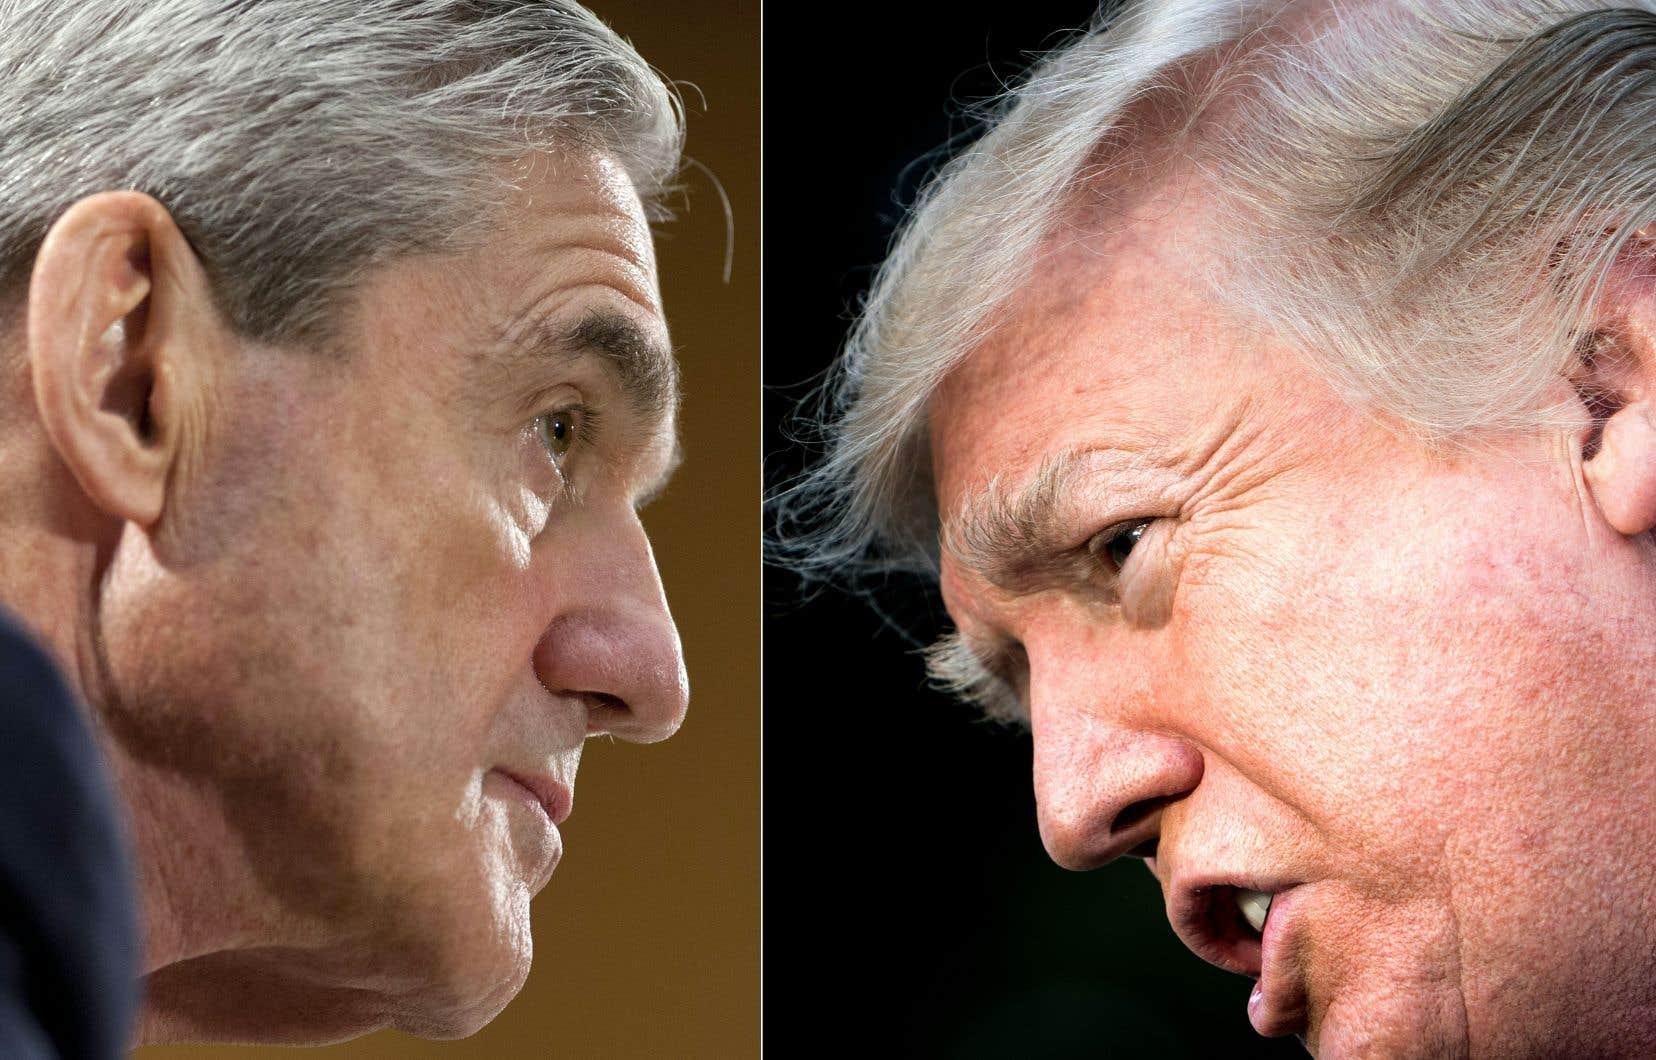 Donald Trump avait déjà évoqué l'existence de conflits d'intérêt concernant le procureur spécial Robert Mueller, mais c'est la première fois qu'il détaille publiquement ses accusations.